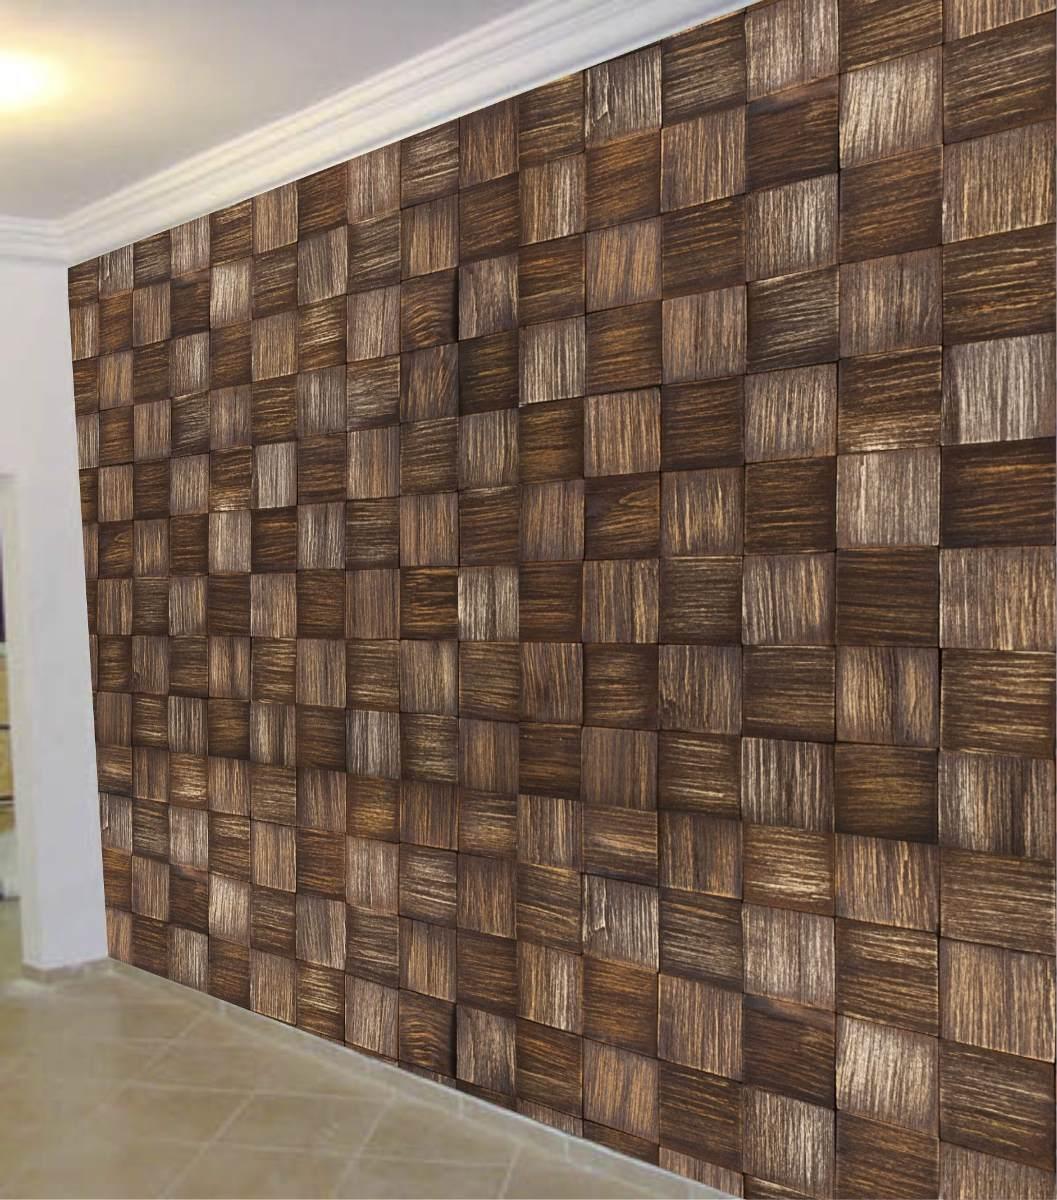 Adesivo De Parede Textura Fosca Madeira Decorativo R$ 9,90 em Mercado Livre